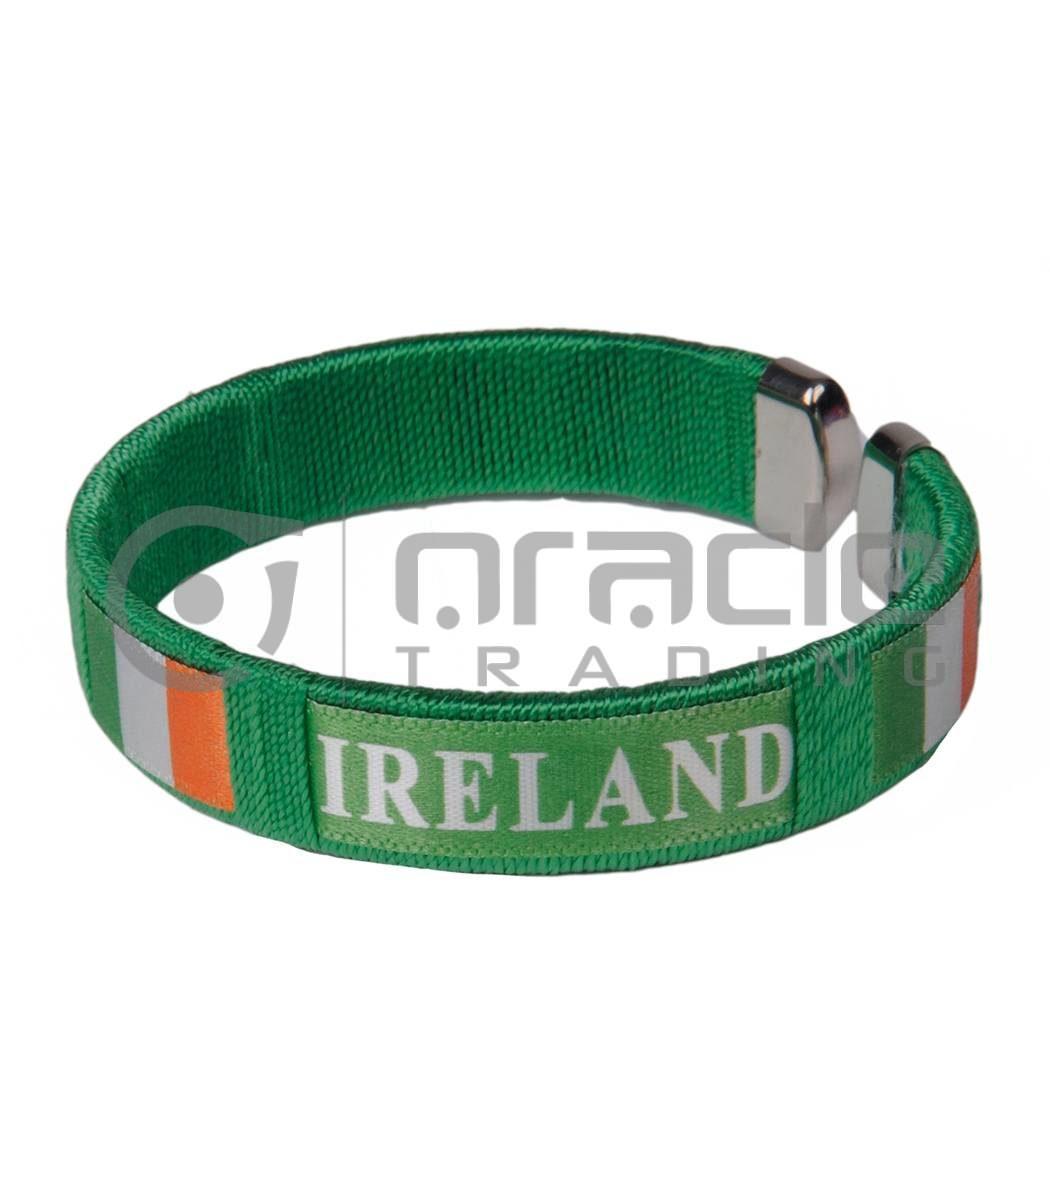 Ireland C Bracelets 12-Pack